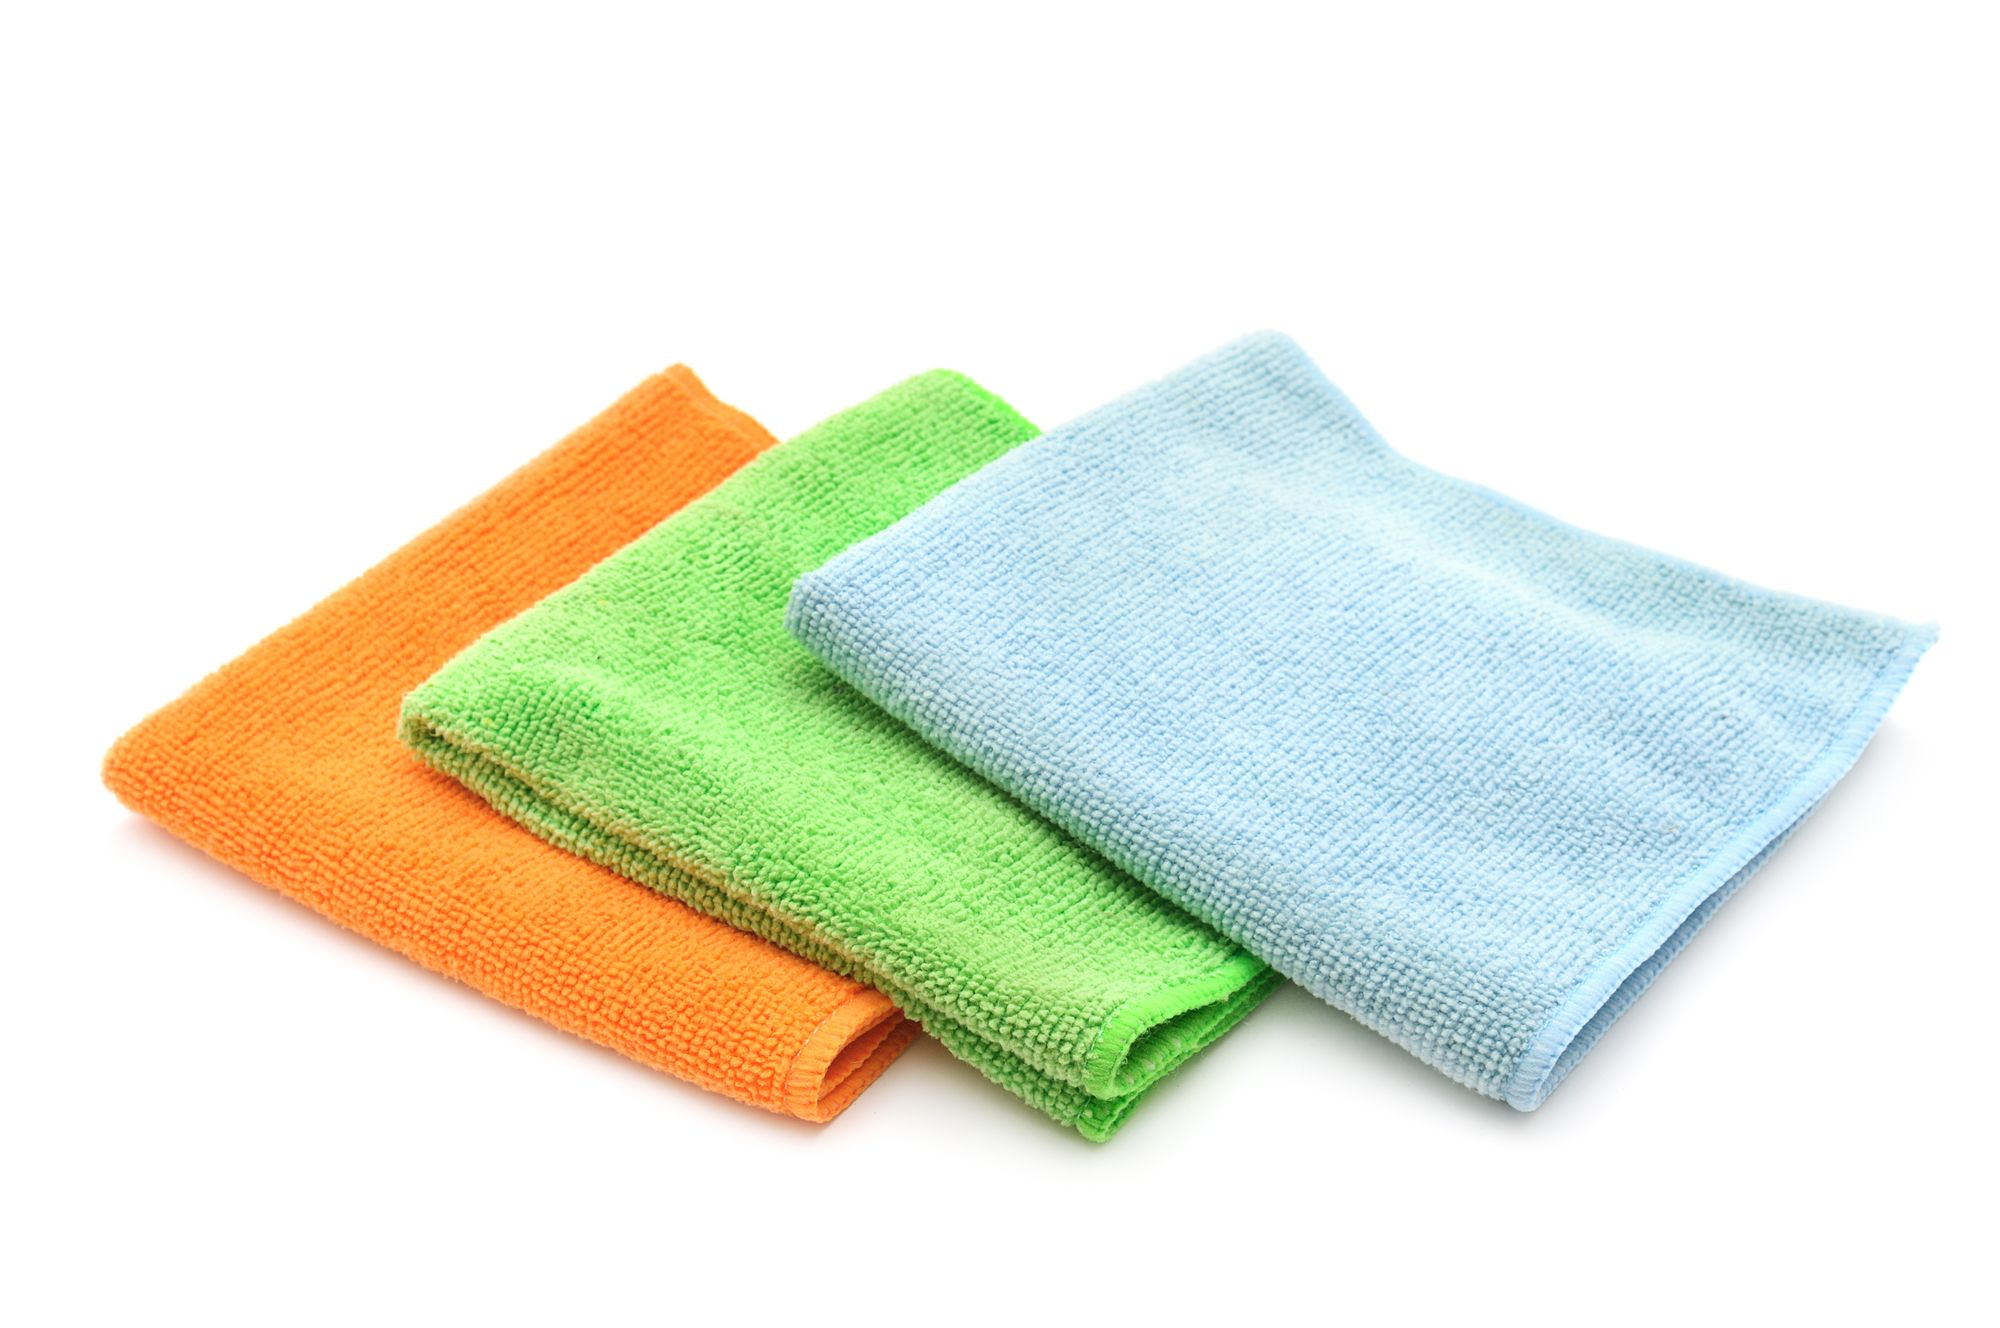 Πανάκια μικροϊνών σε χρώμα πορτοκαλί, πράσινο και μπλε